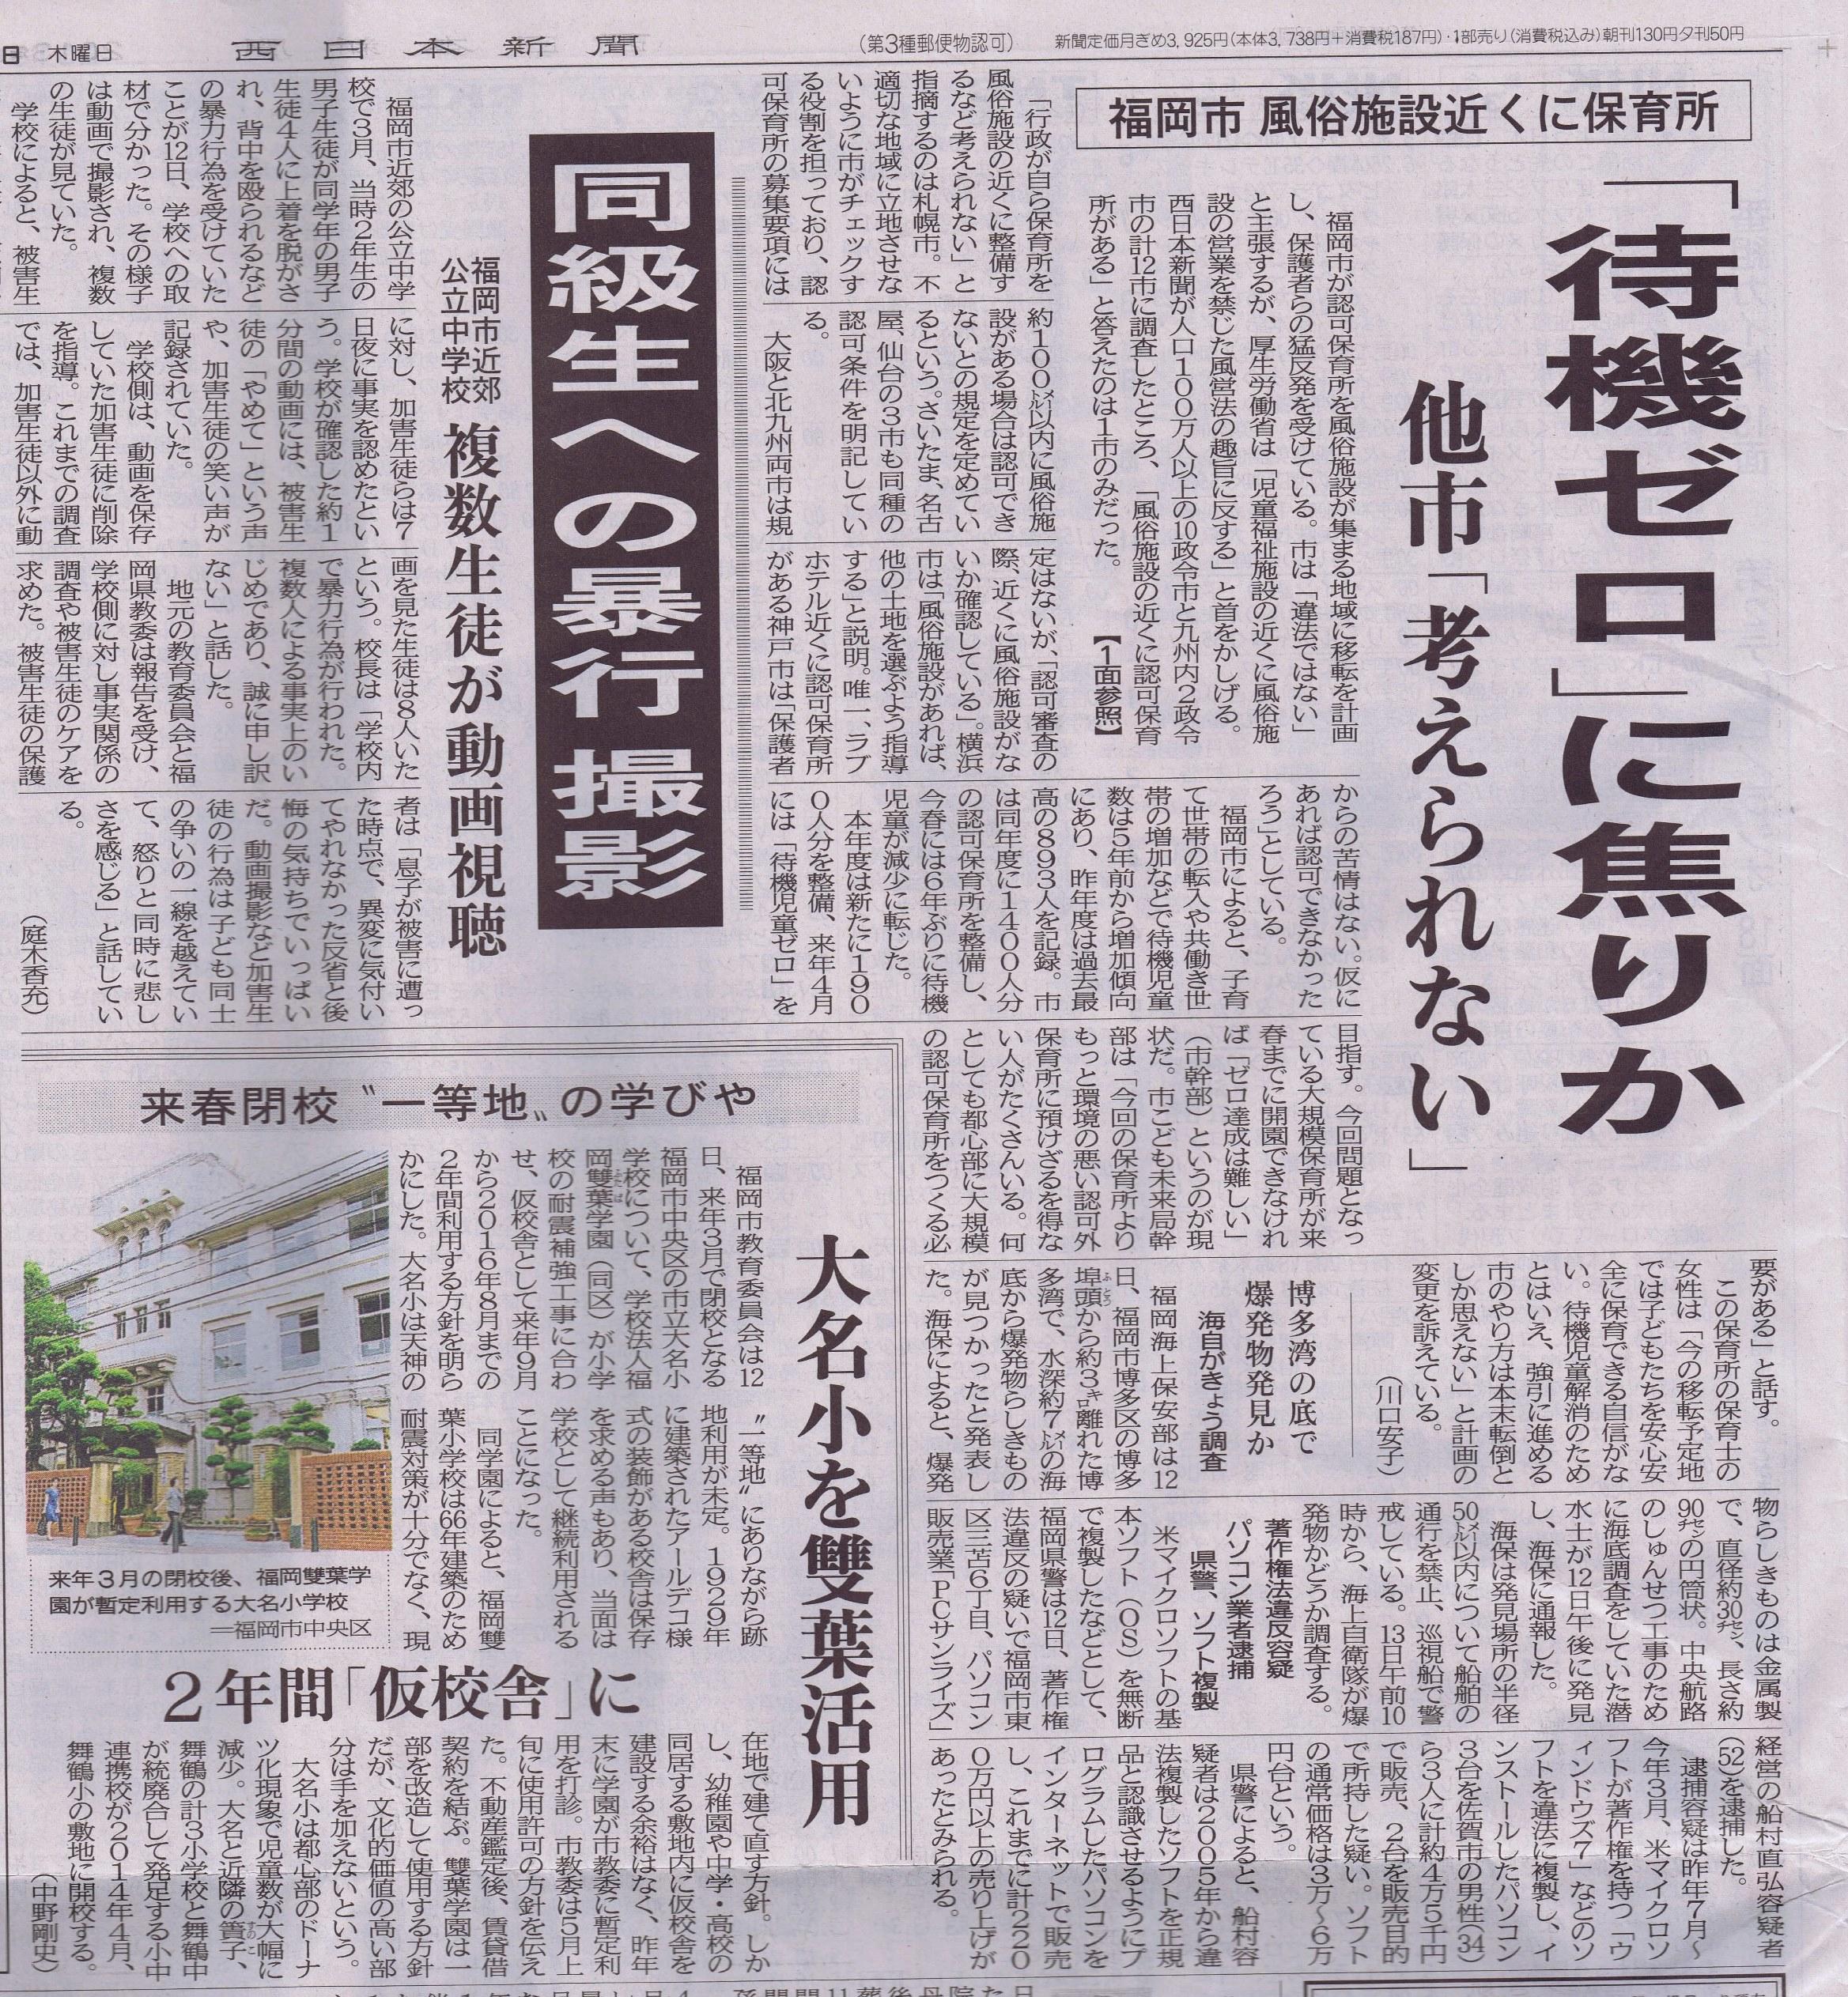 2013.06.13_西日本新聞社会面